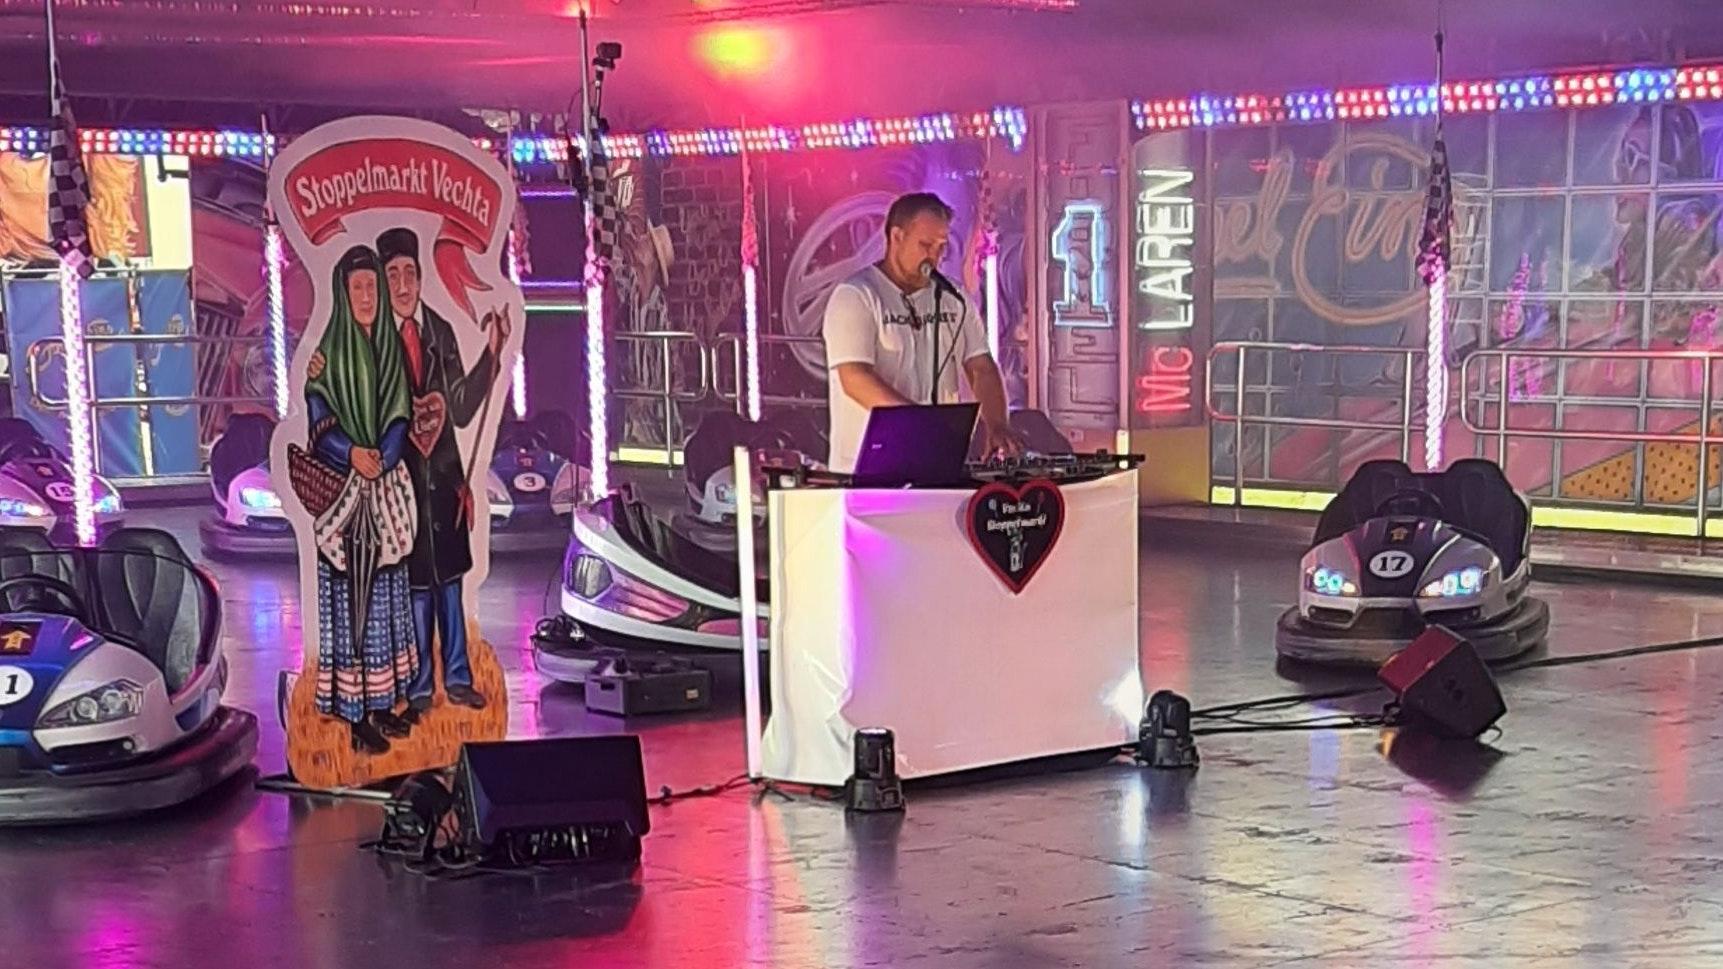 """Party auf dem Autoscooter:Frank Nuxoll aliasDJ Nucki hat am Dienstagabend ein Musikprogramm für den """"Digitalen Stoppelmarkt"""" aufgezeichnet. Foto: Stadt Vechta"""